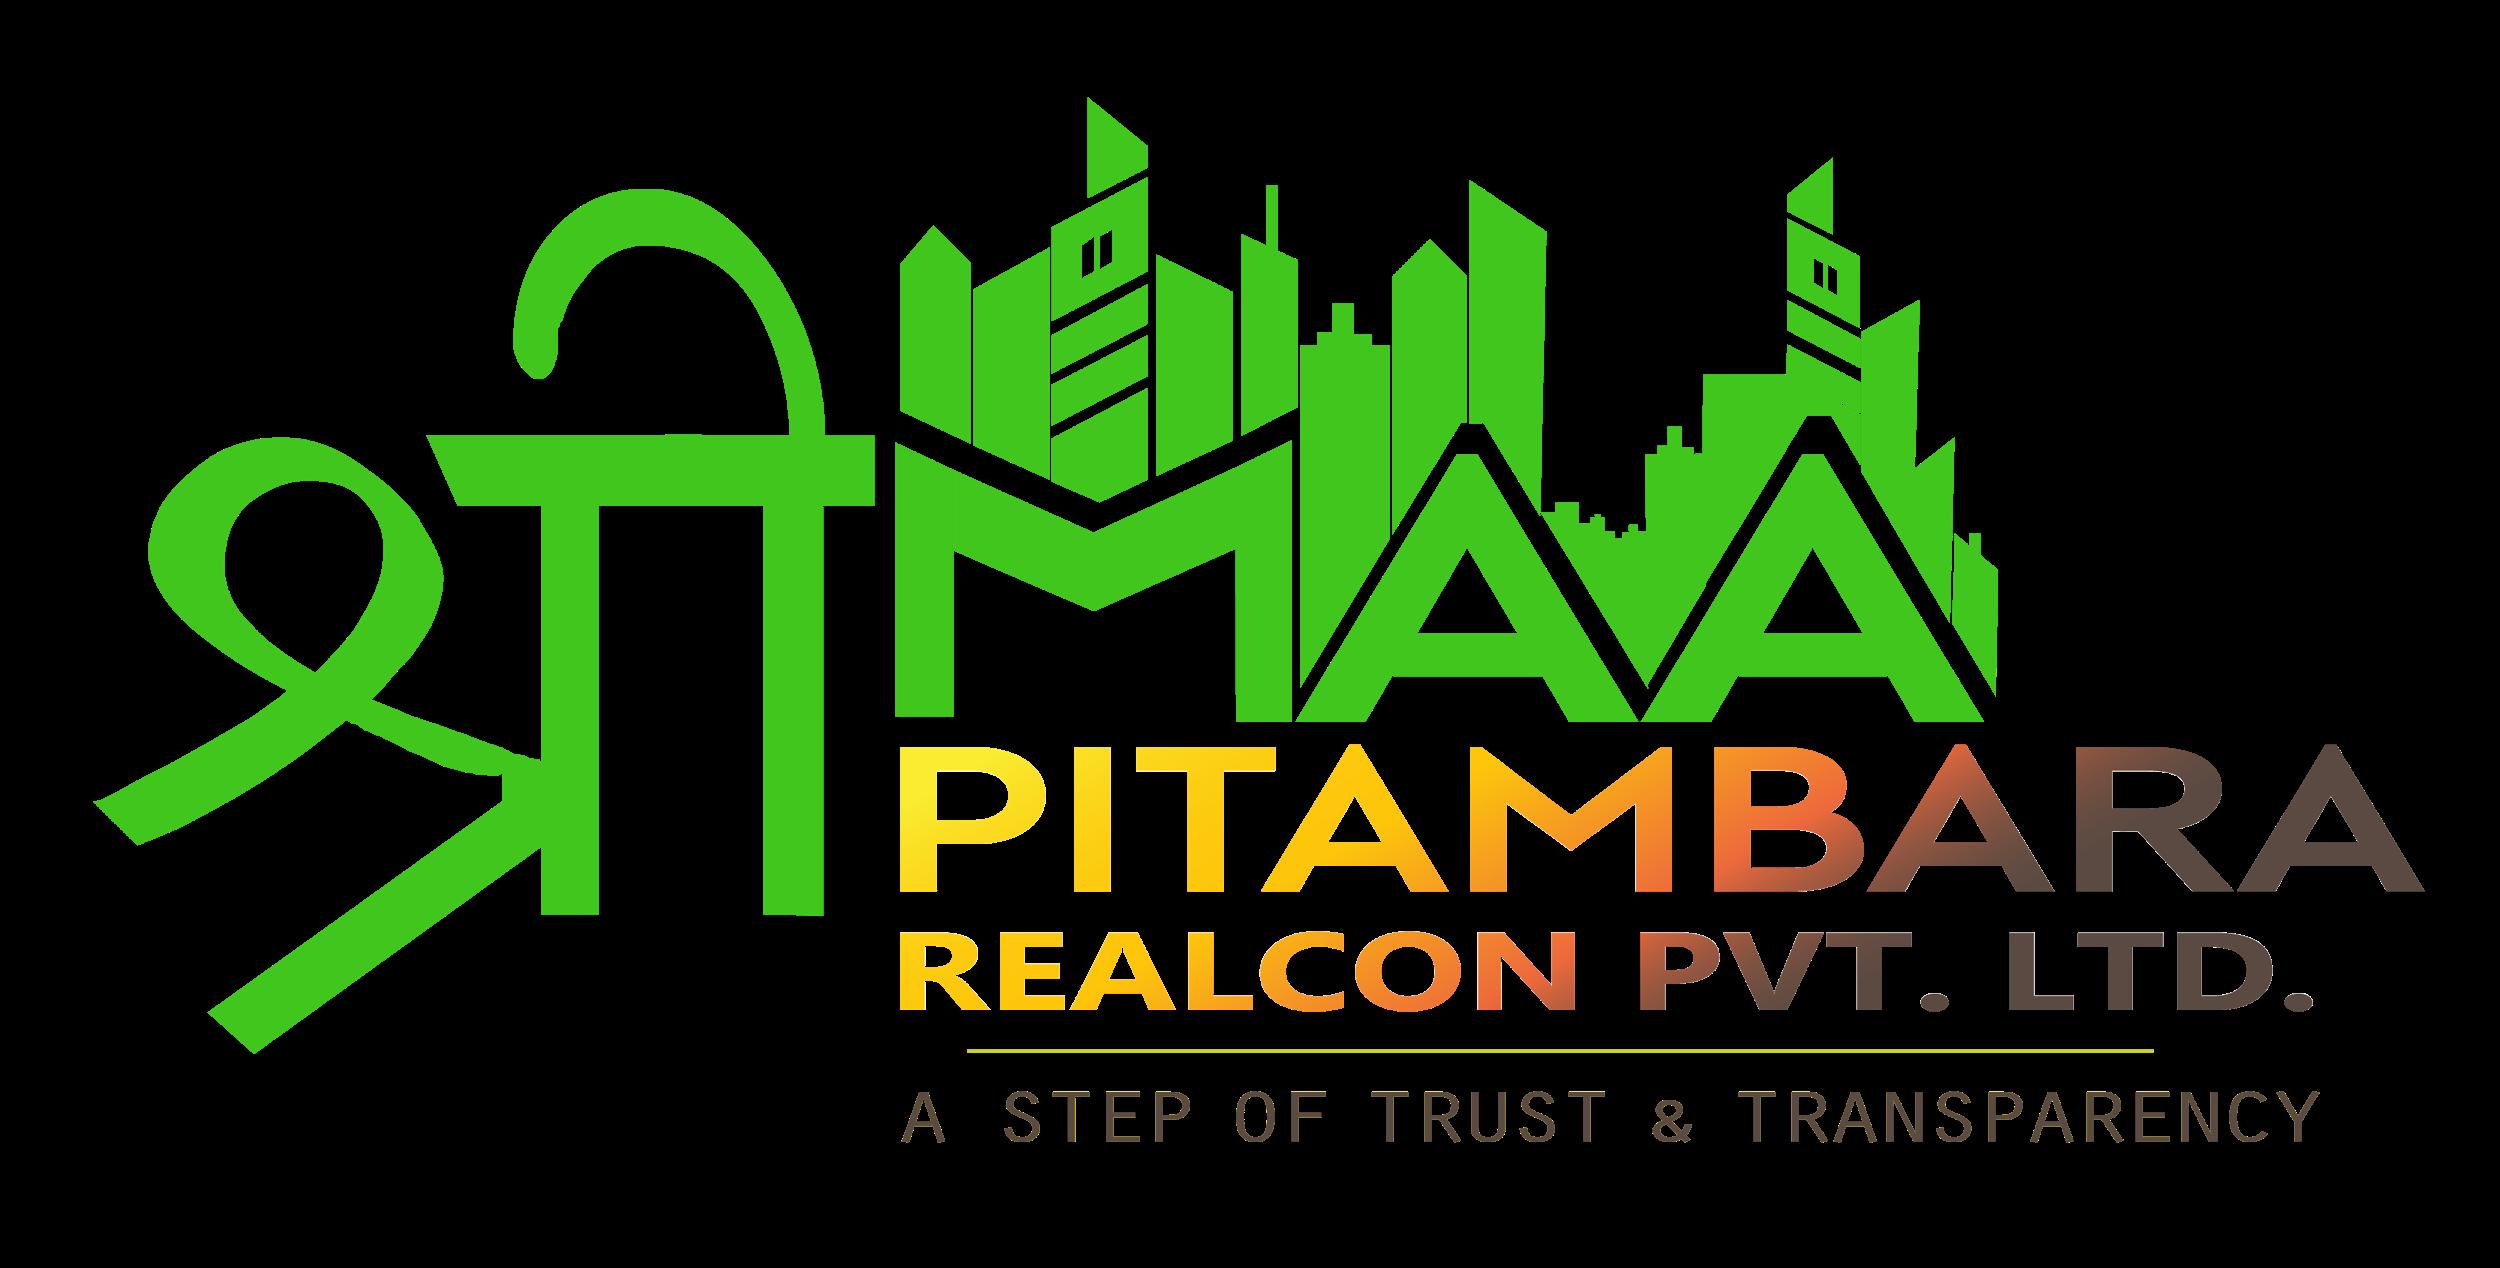 Maa Shri Pitambara Realcon